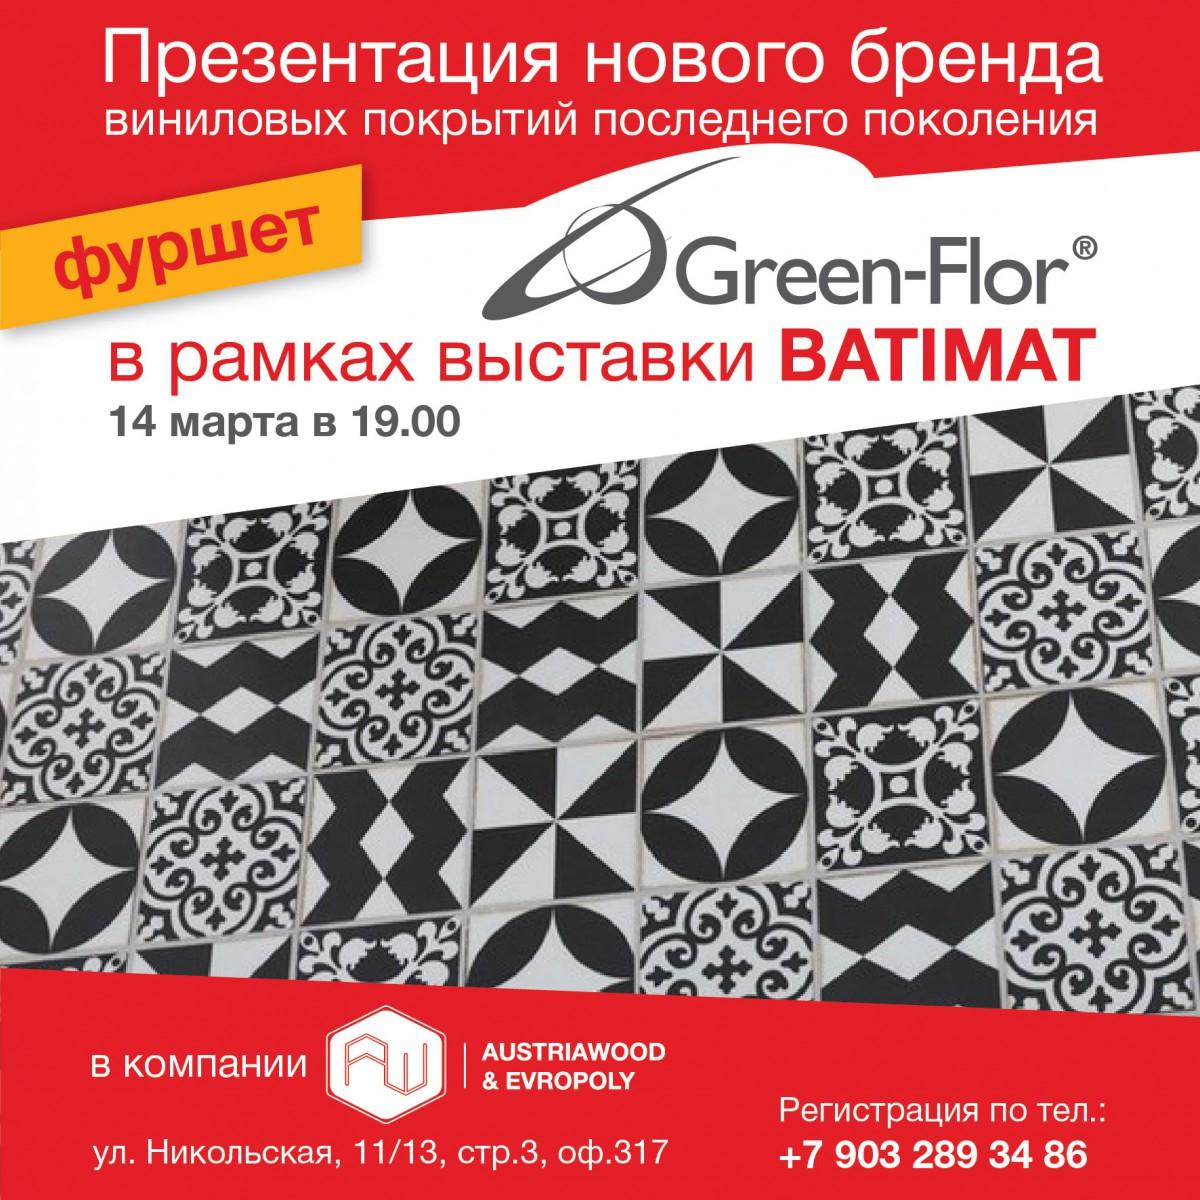 Green-flor_IG-03